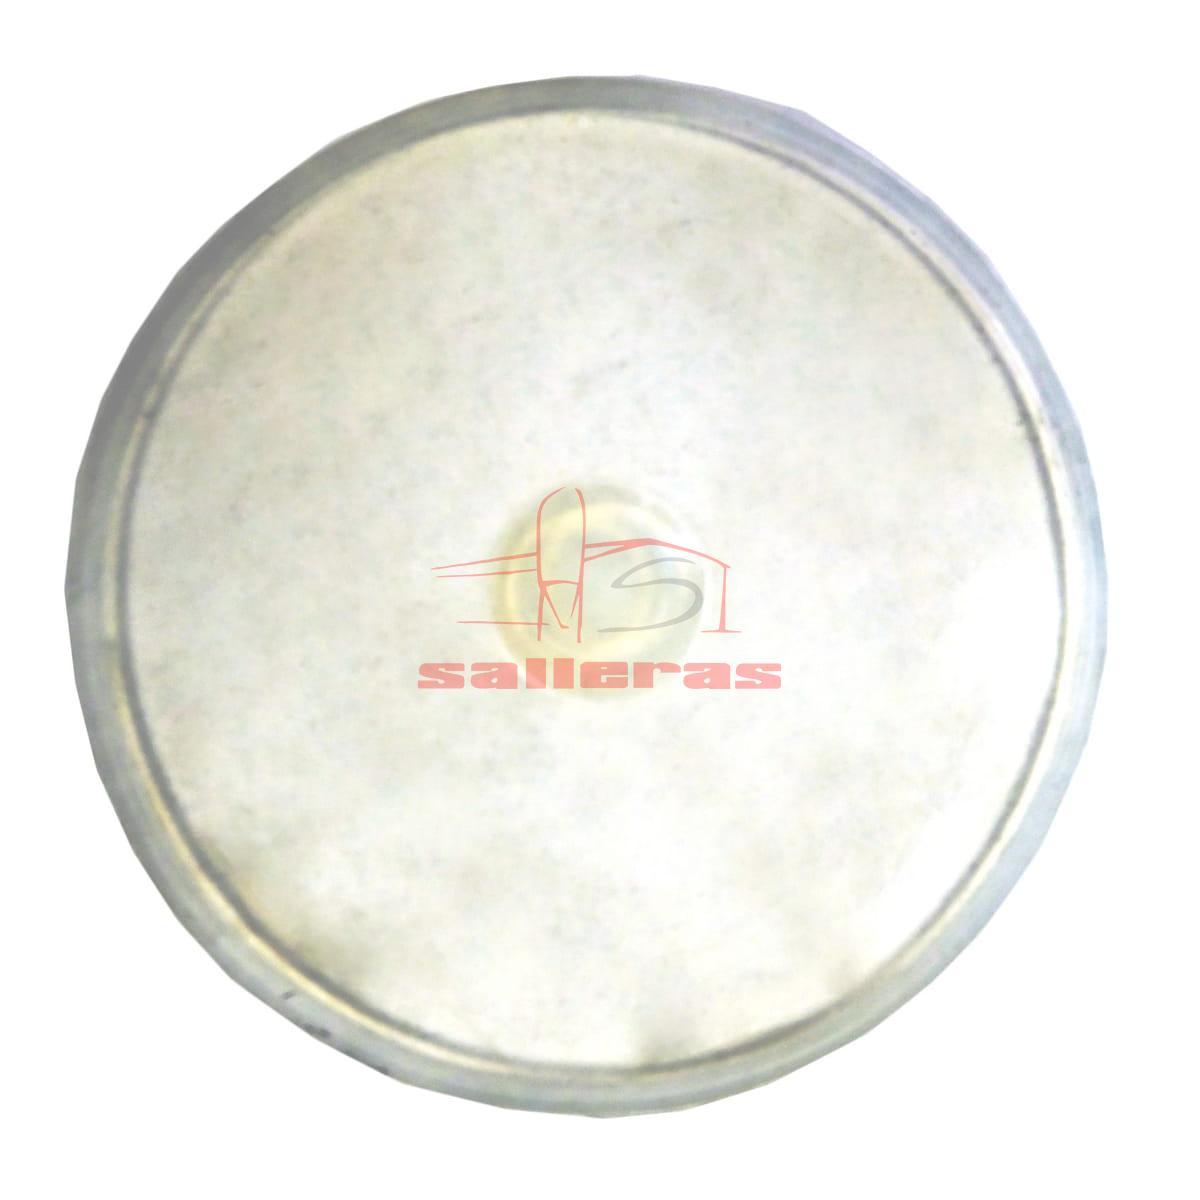 Membrana blanca circular de recambio para valvula vrh3